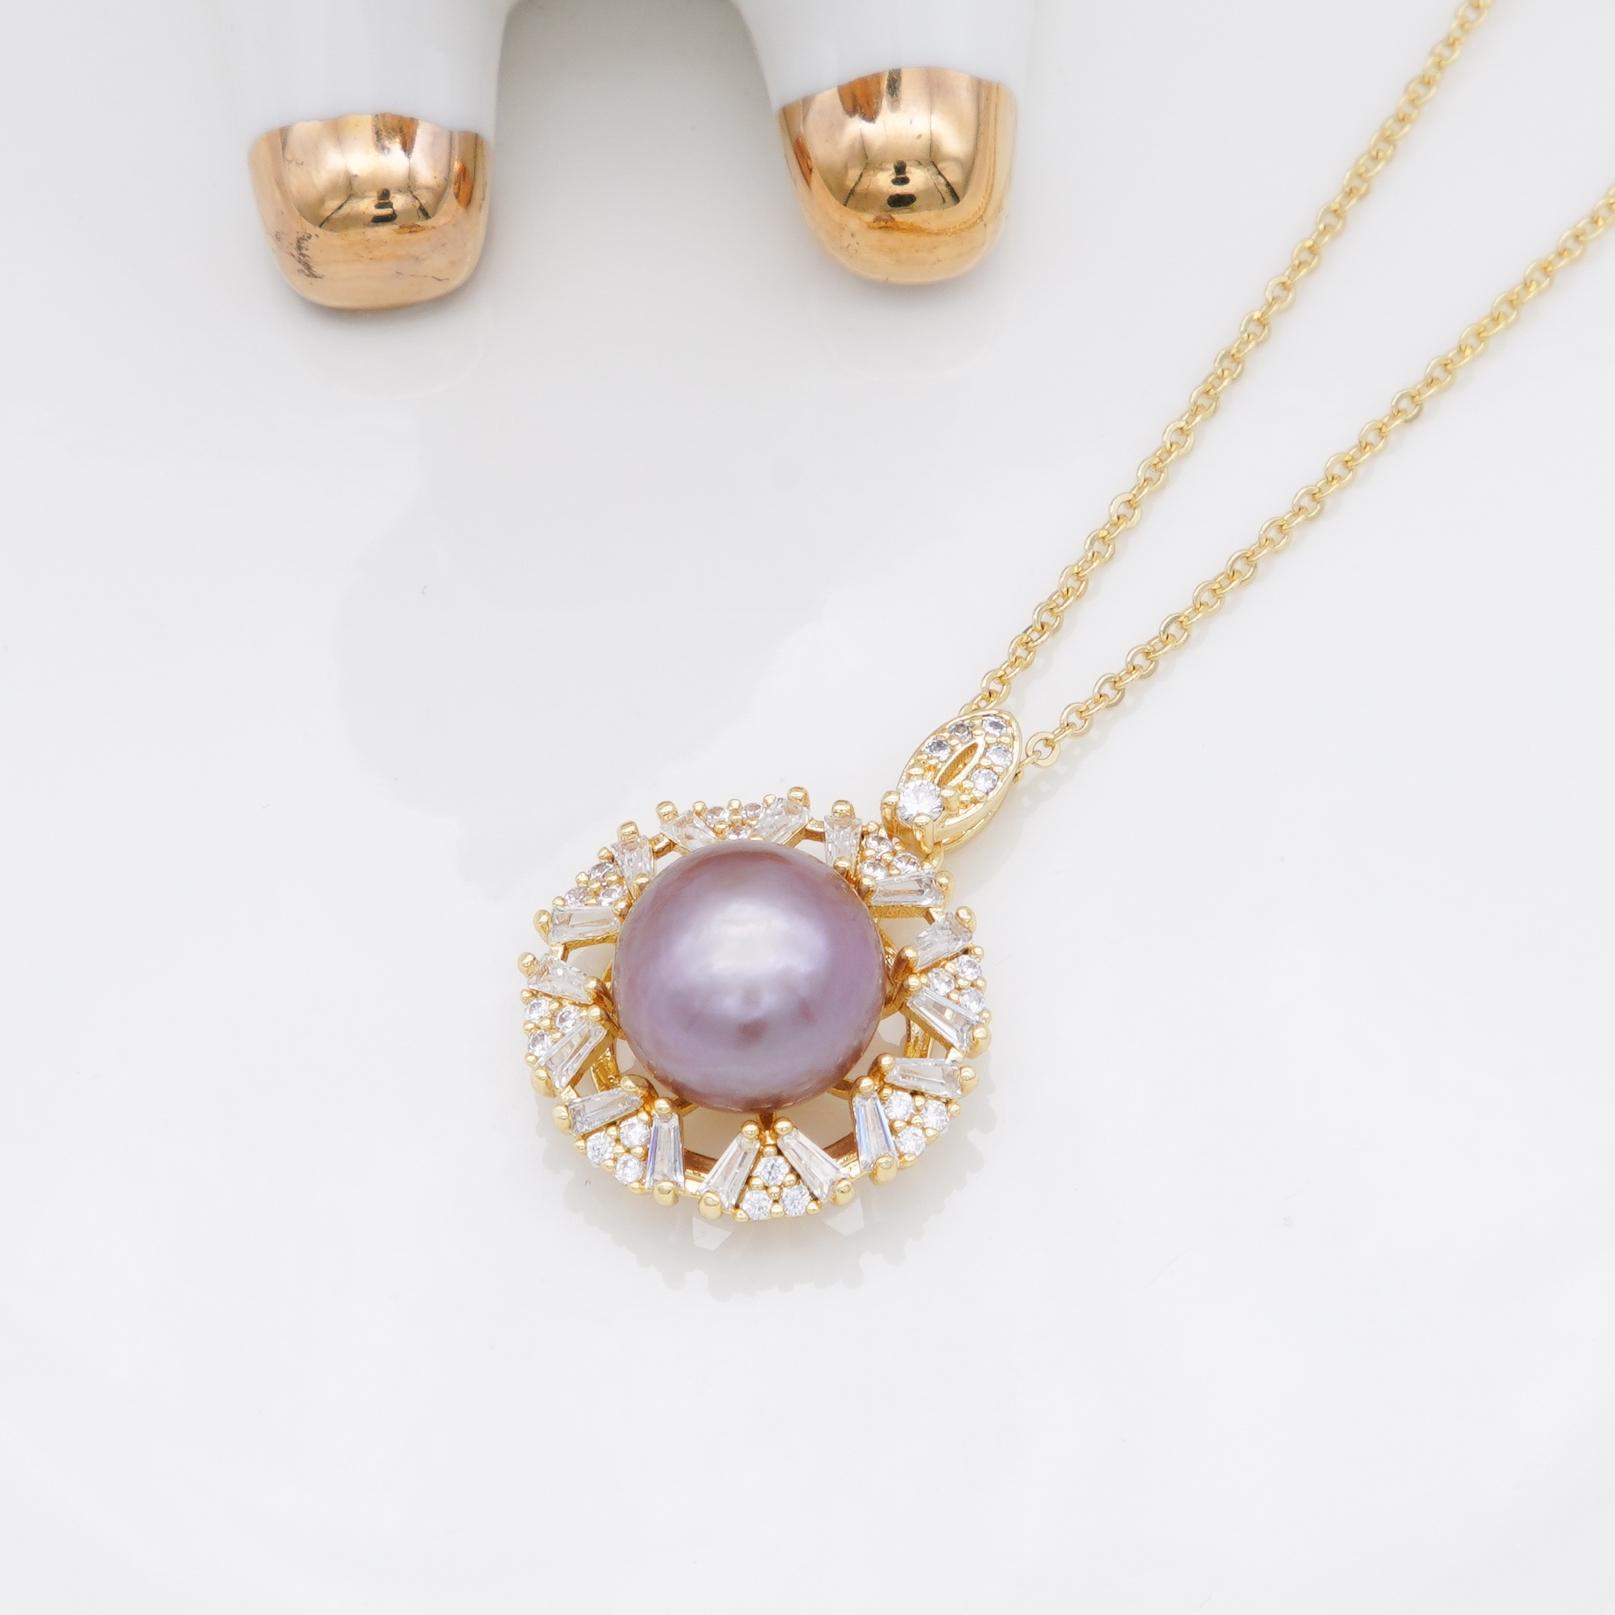 珍珠项链V201-S398